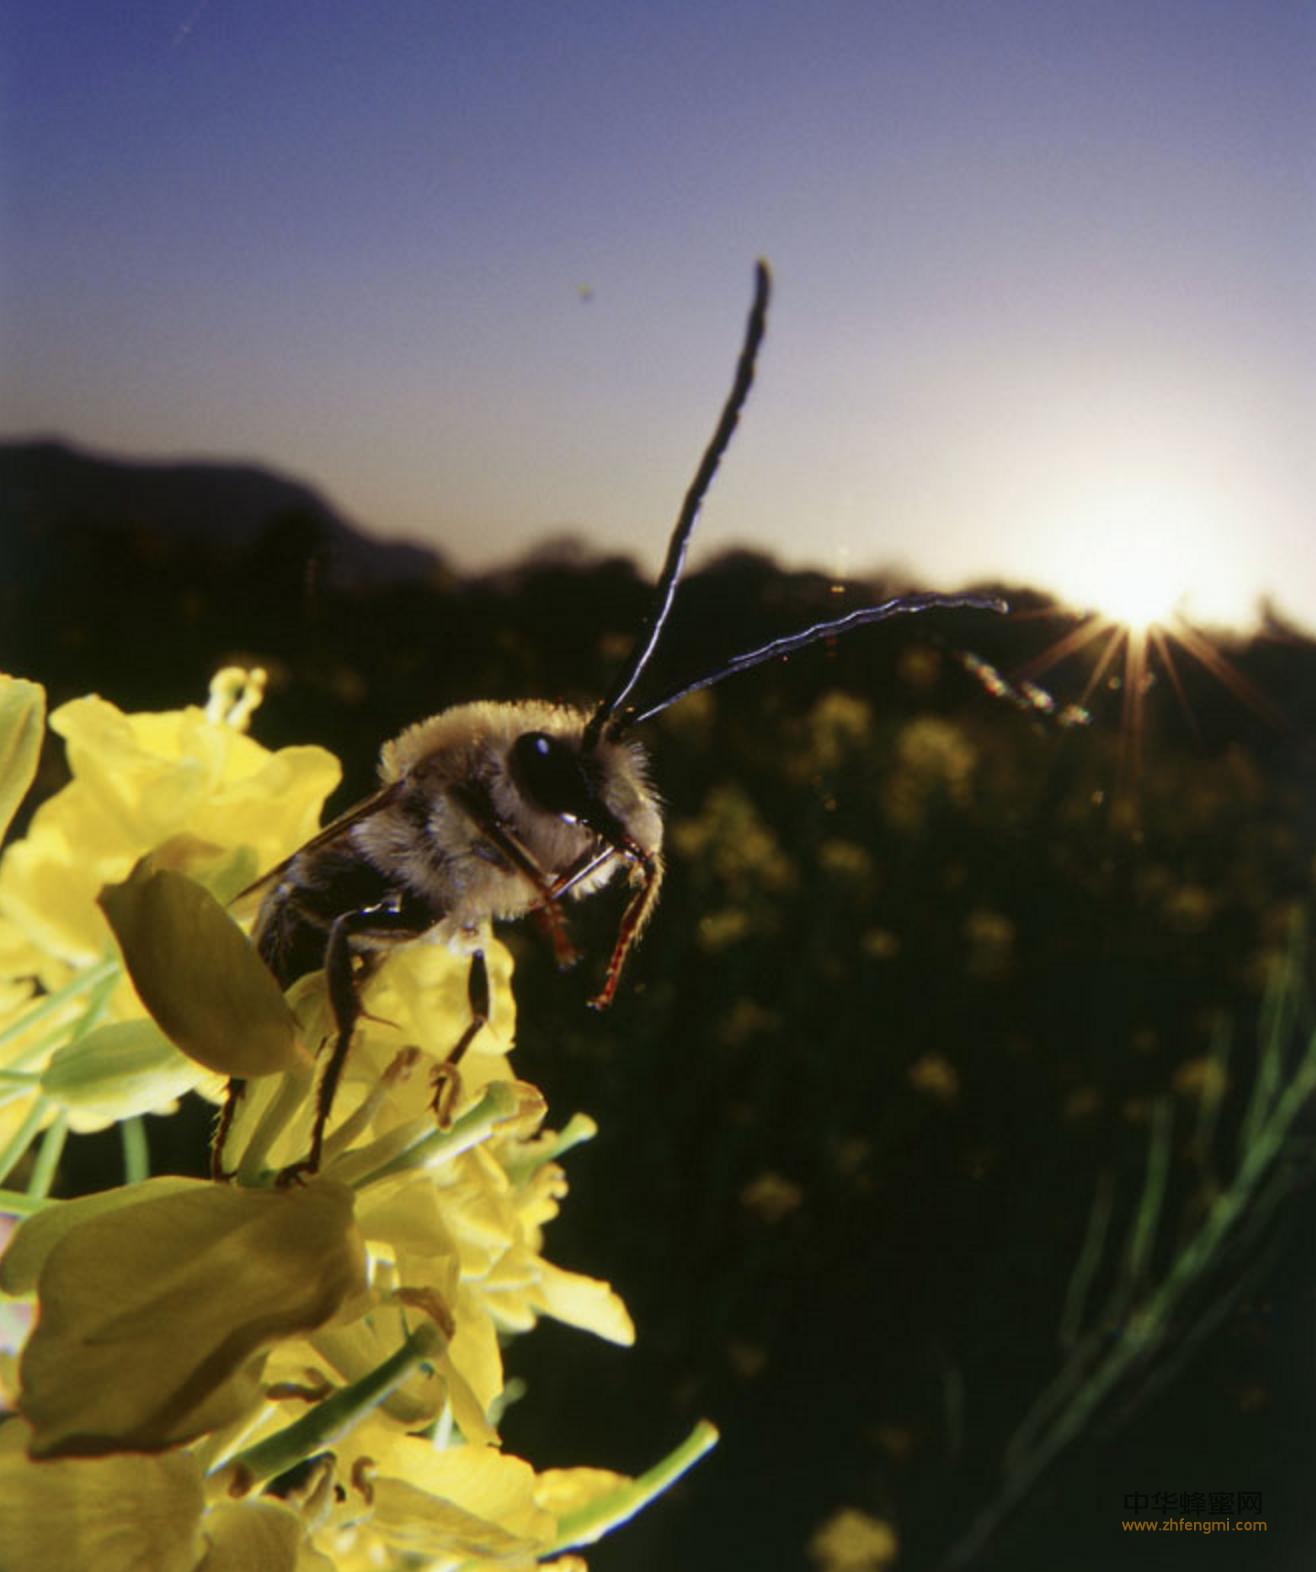 汽车尾气 蜜蜂授粉 蜜蜂产蜜 Leonard 国际昆虫学大会